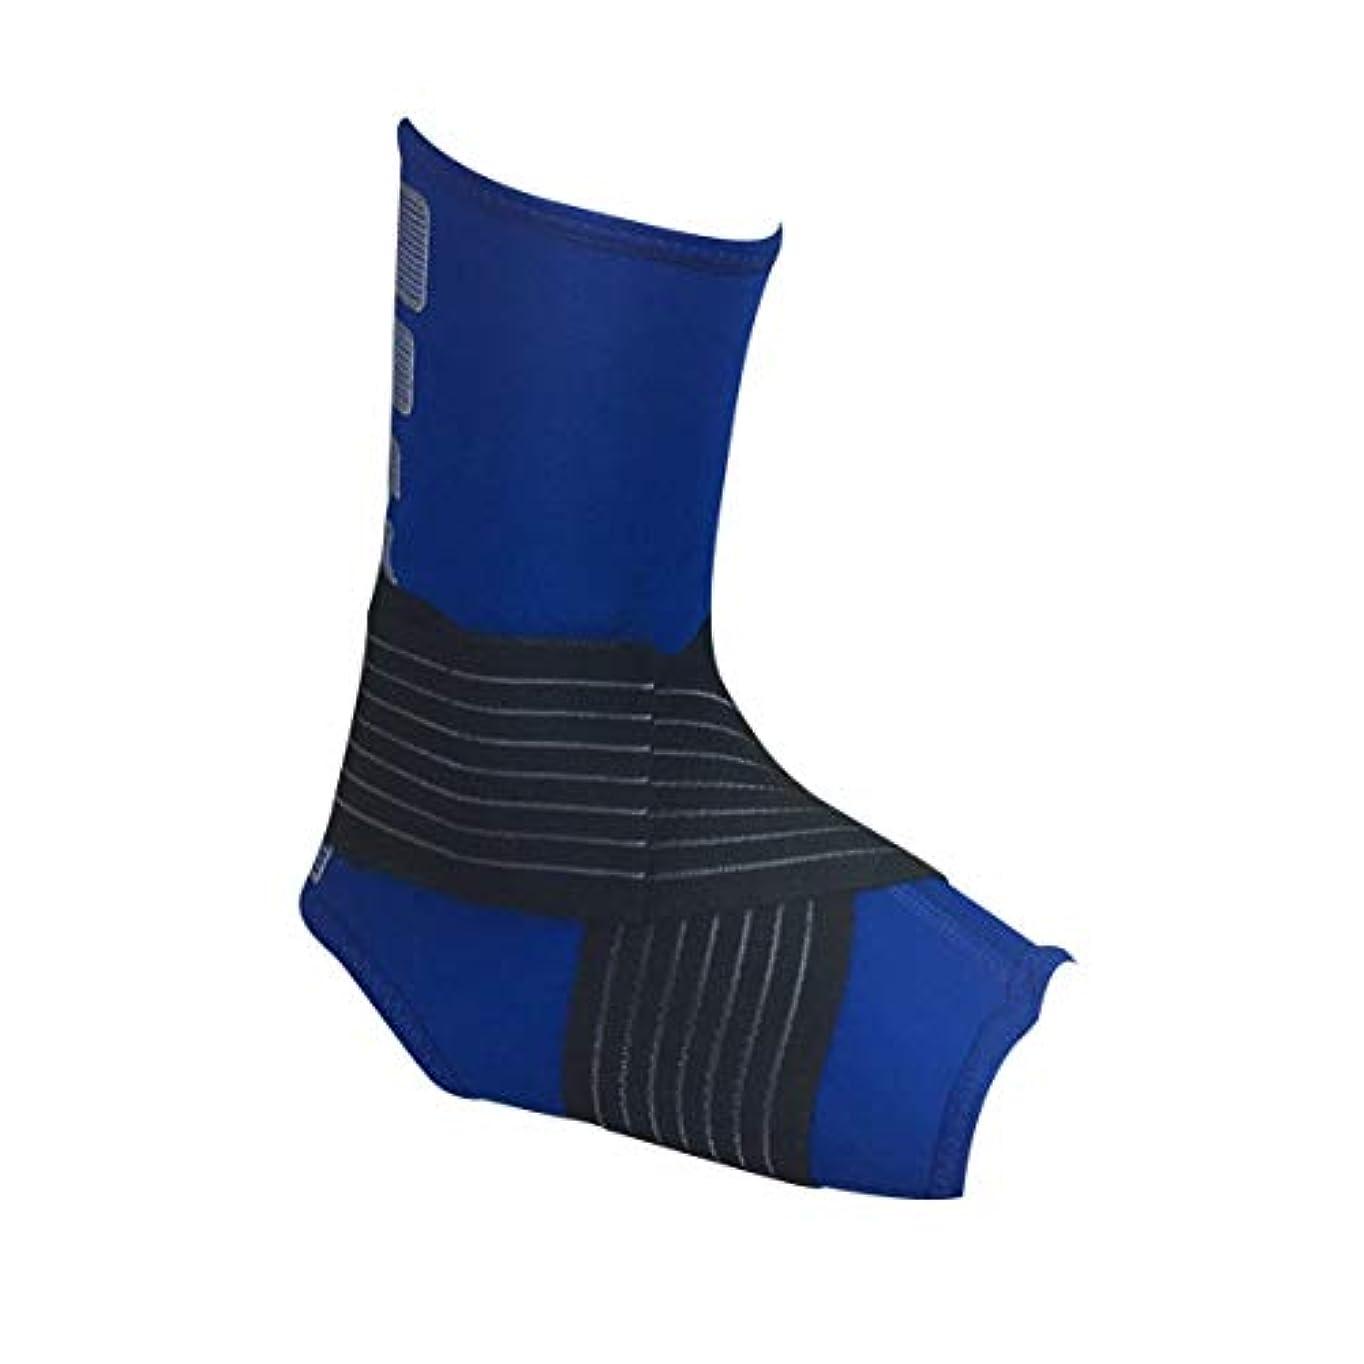 急行する怪しいラボ足首フットパッド包帯ブレースサポート保護足首ガードパッド快適な足首袖ランニングフィットネスサイクリング